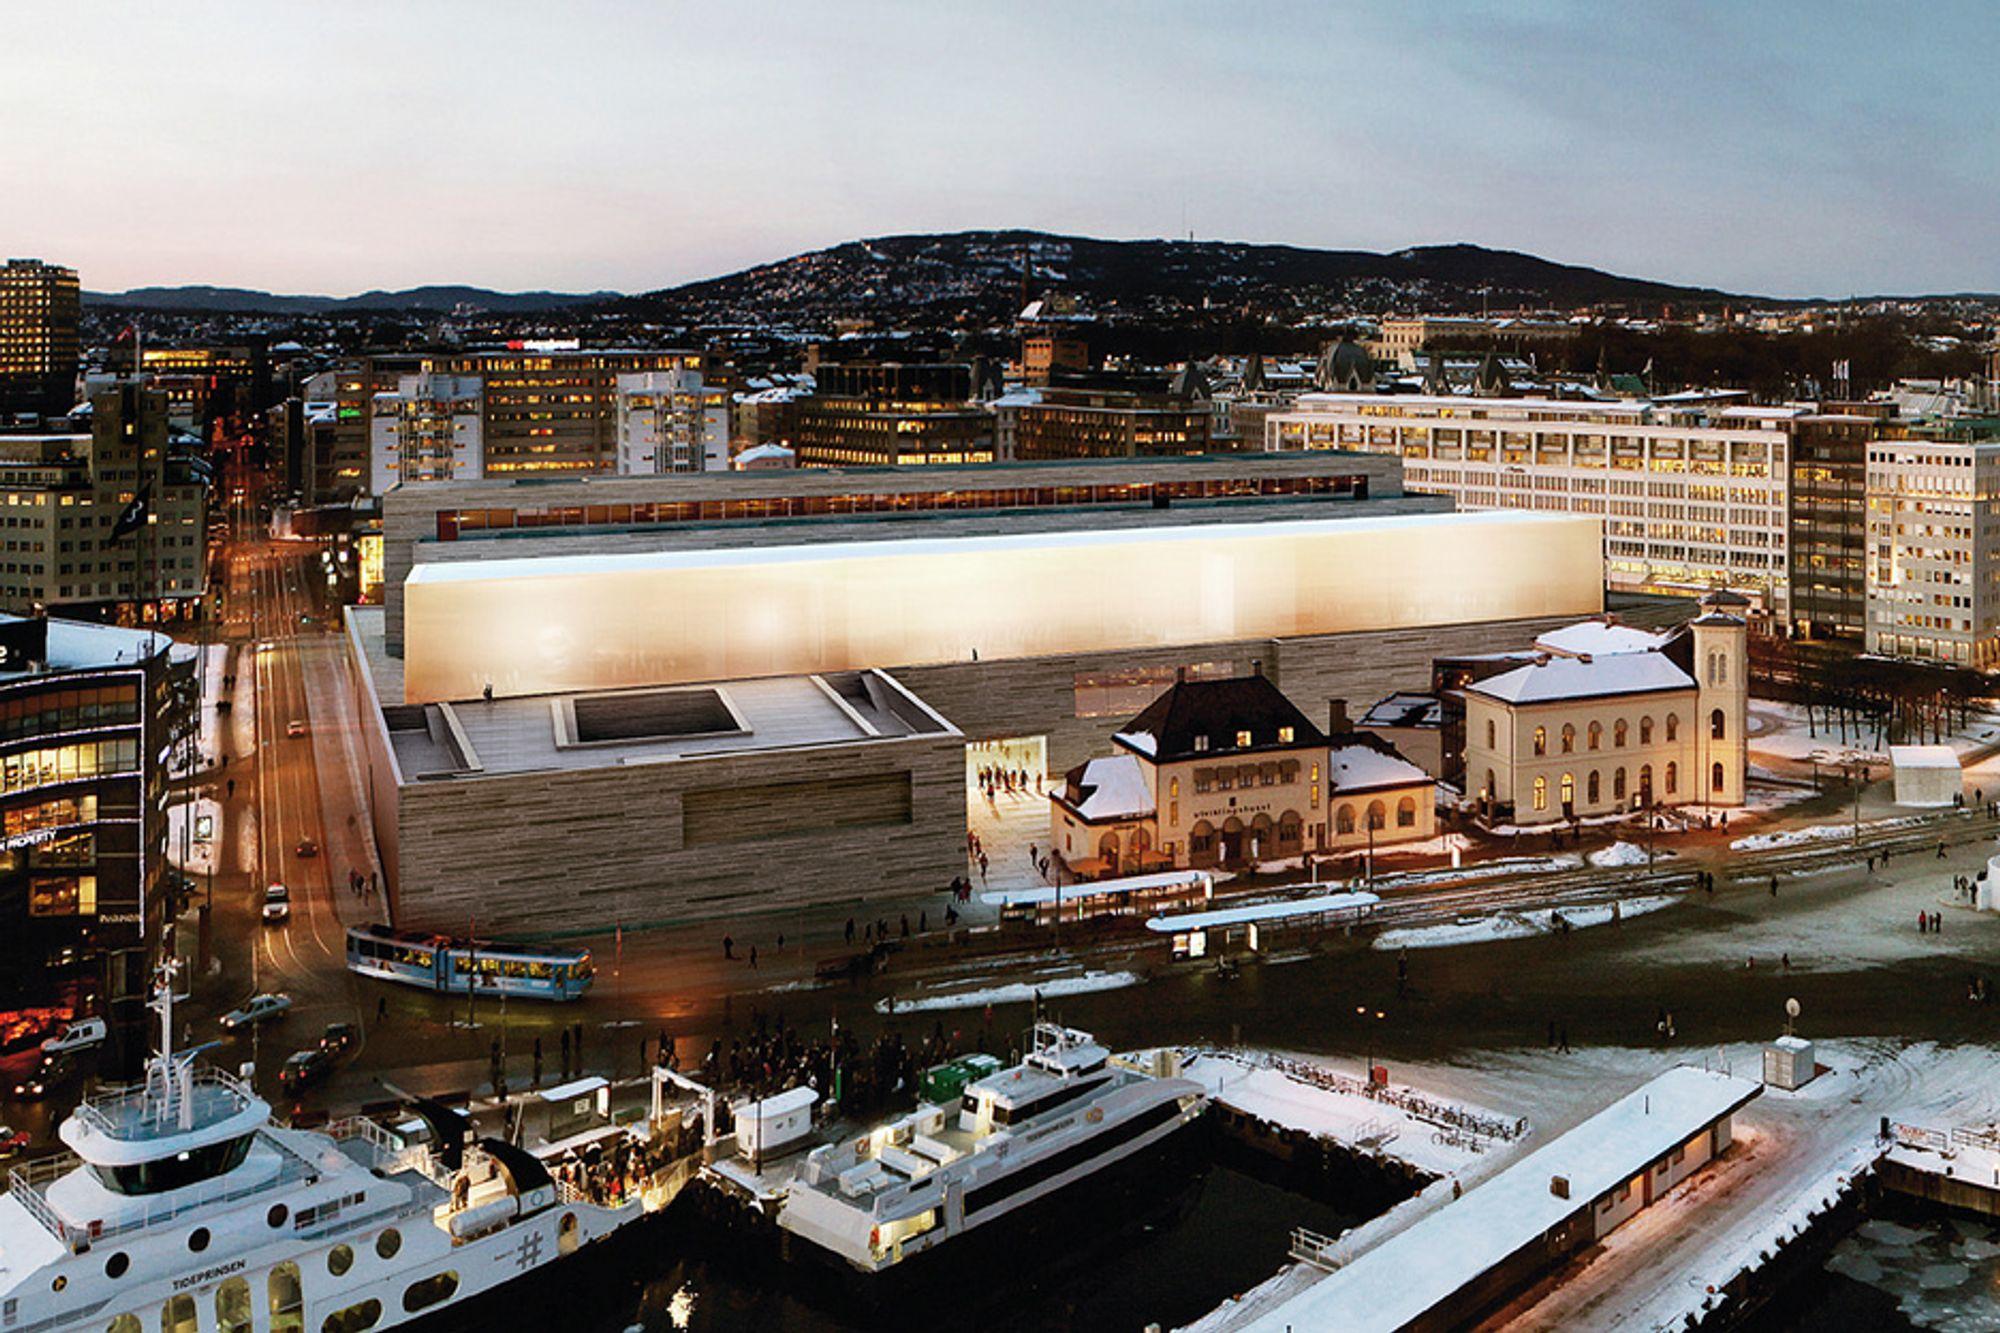 PASSIVT: Det nye Nasjonalmuseet i Oslo skal være på passivhusnivå, og opp mot 90 prosent av oppvarming skal komme fra sjøvann.